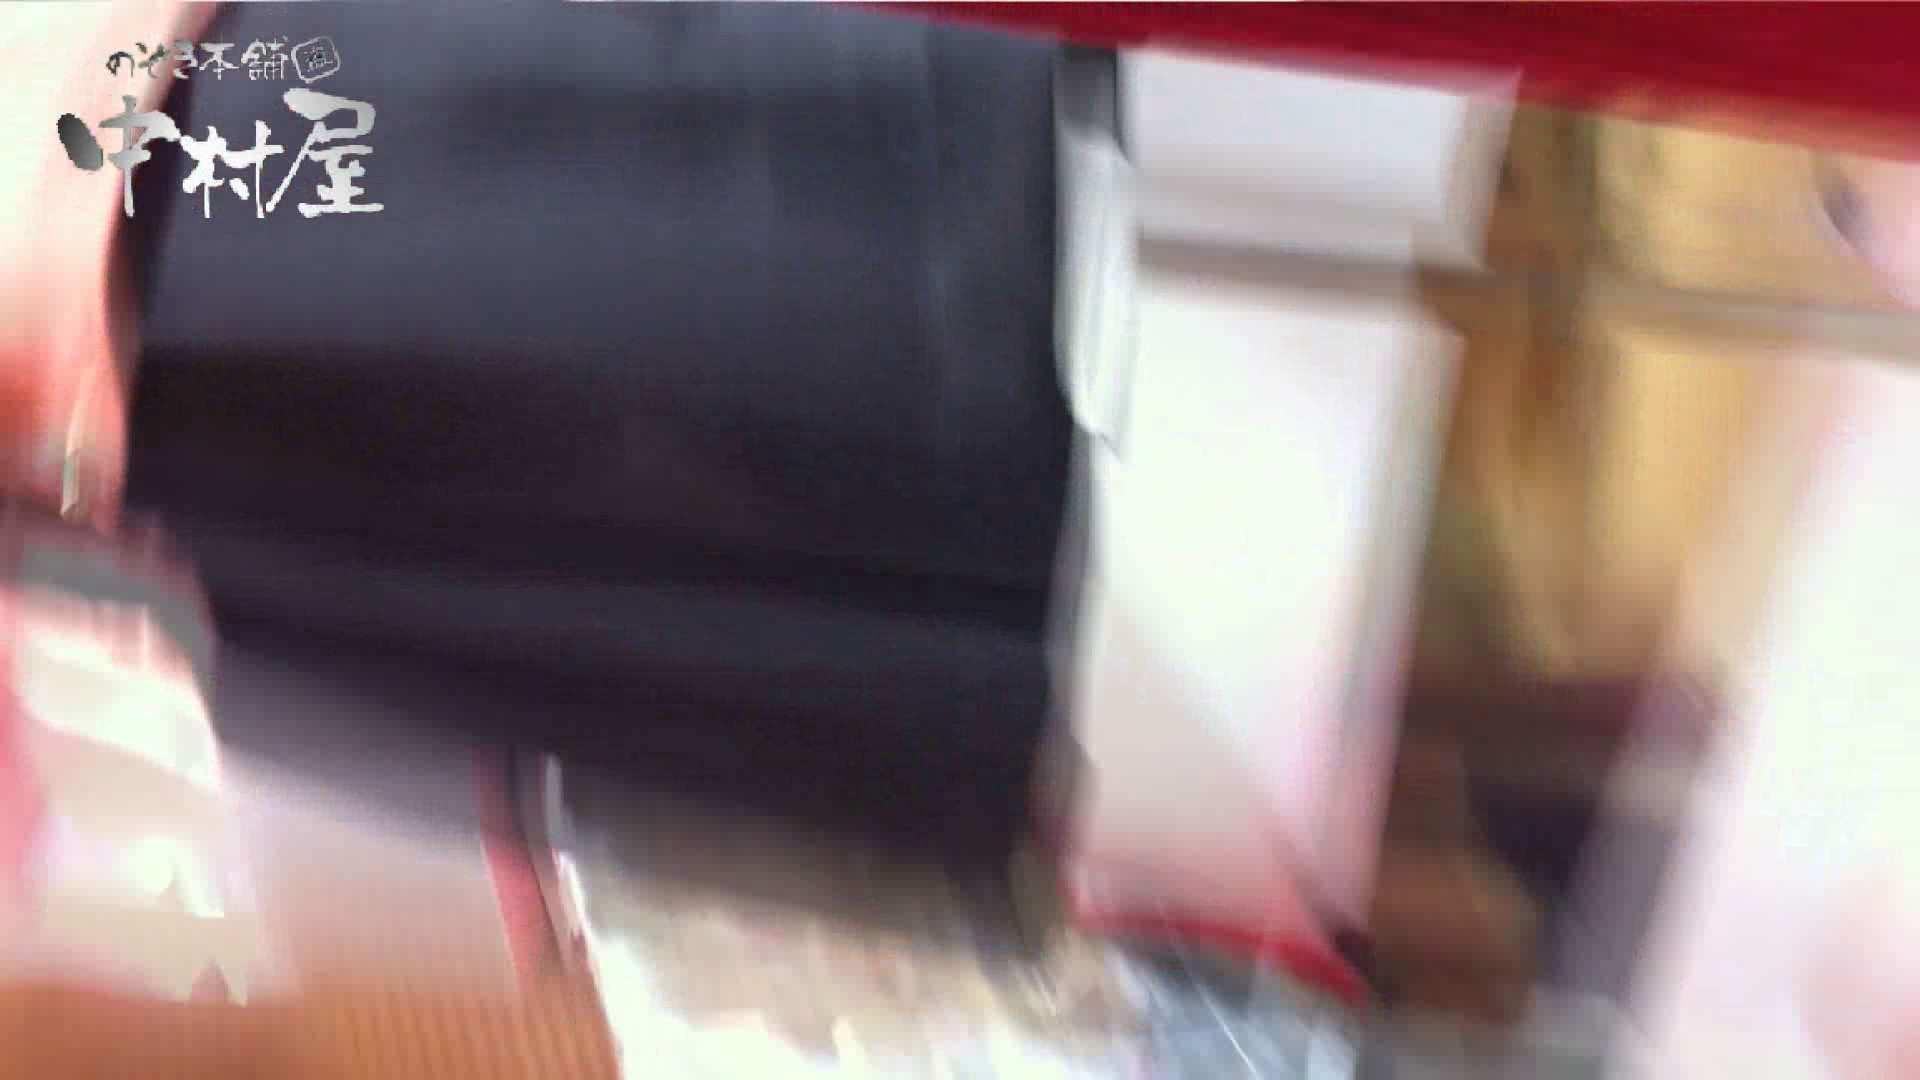 vol.48可愛いカリスマ店員胸チラ&パンチラ アニメ声の店員さん 胸チラ オメコ動画キャプチャ 96連発 14